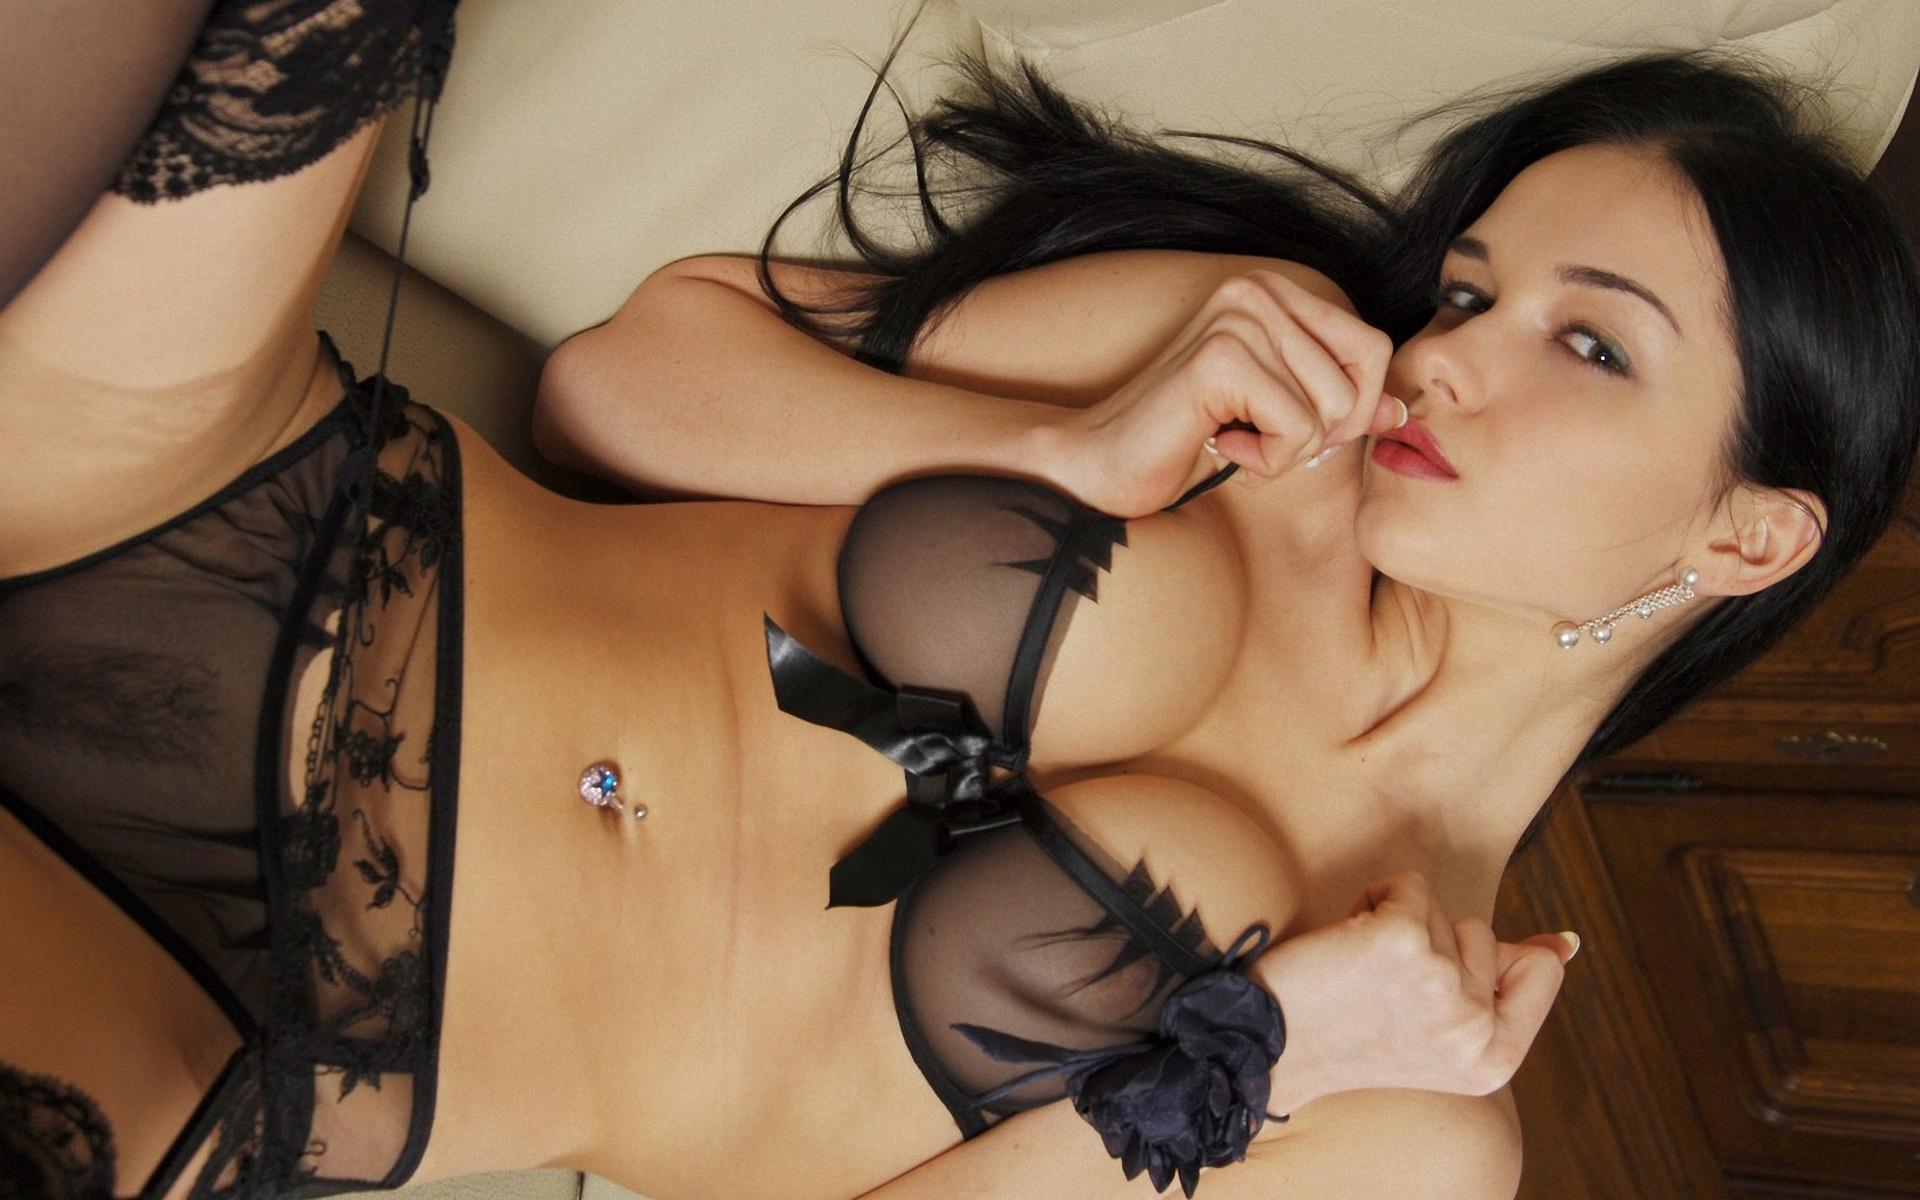 Фото девушки в белье эротика, Девушки в эротическом белье ВКонтакте 27 фотография